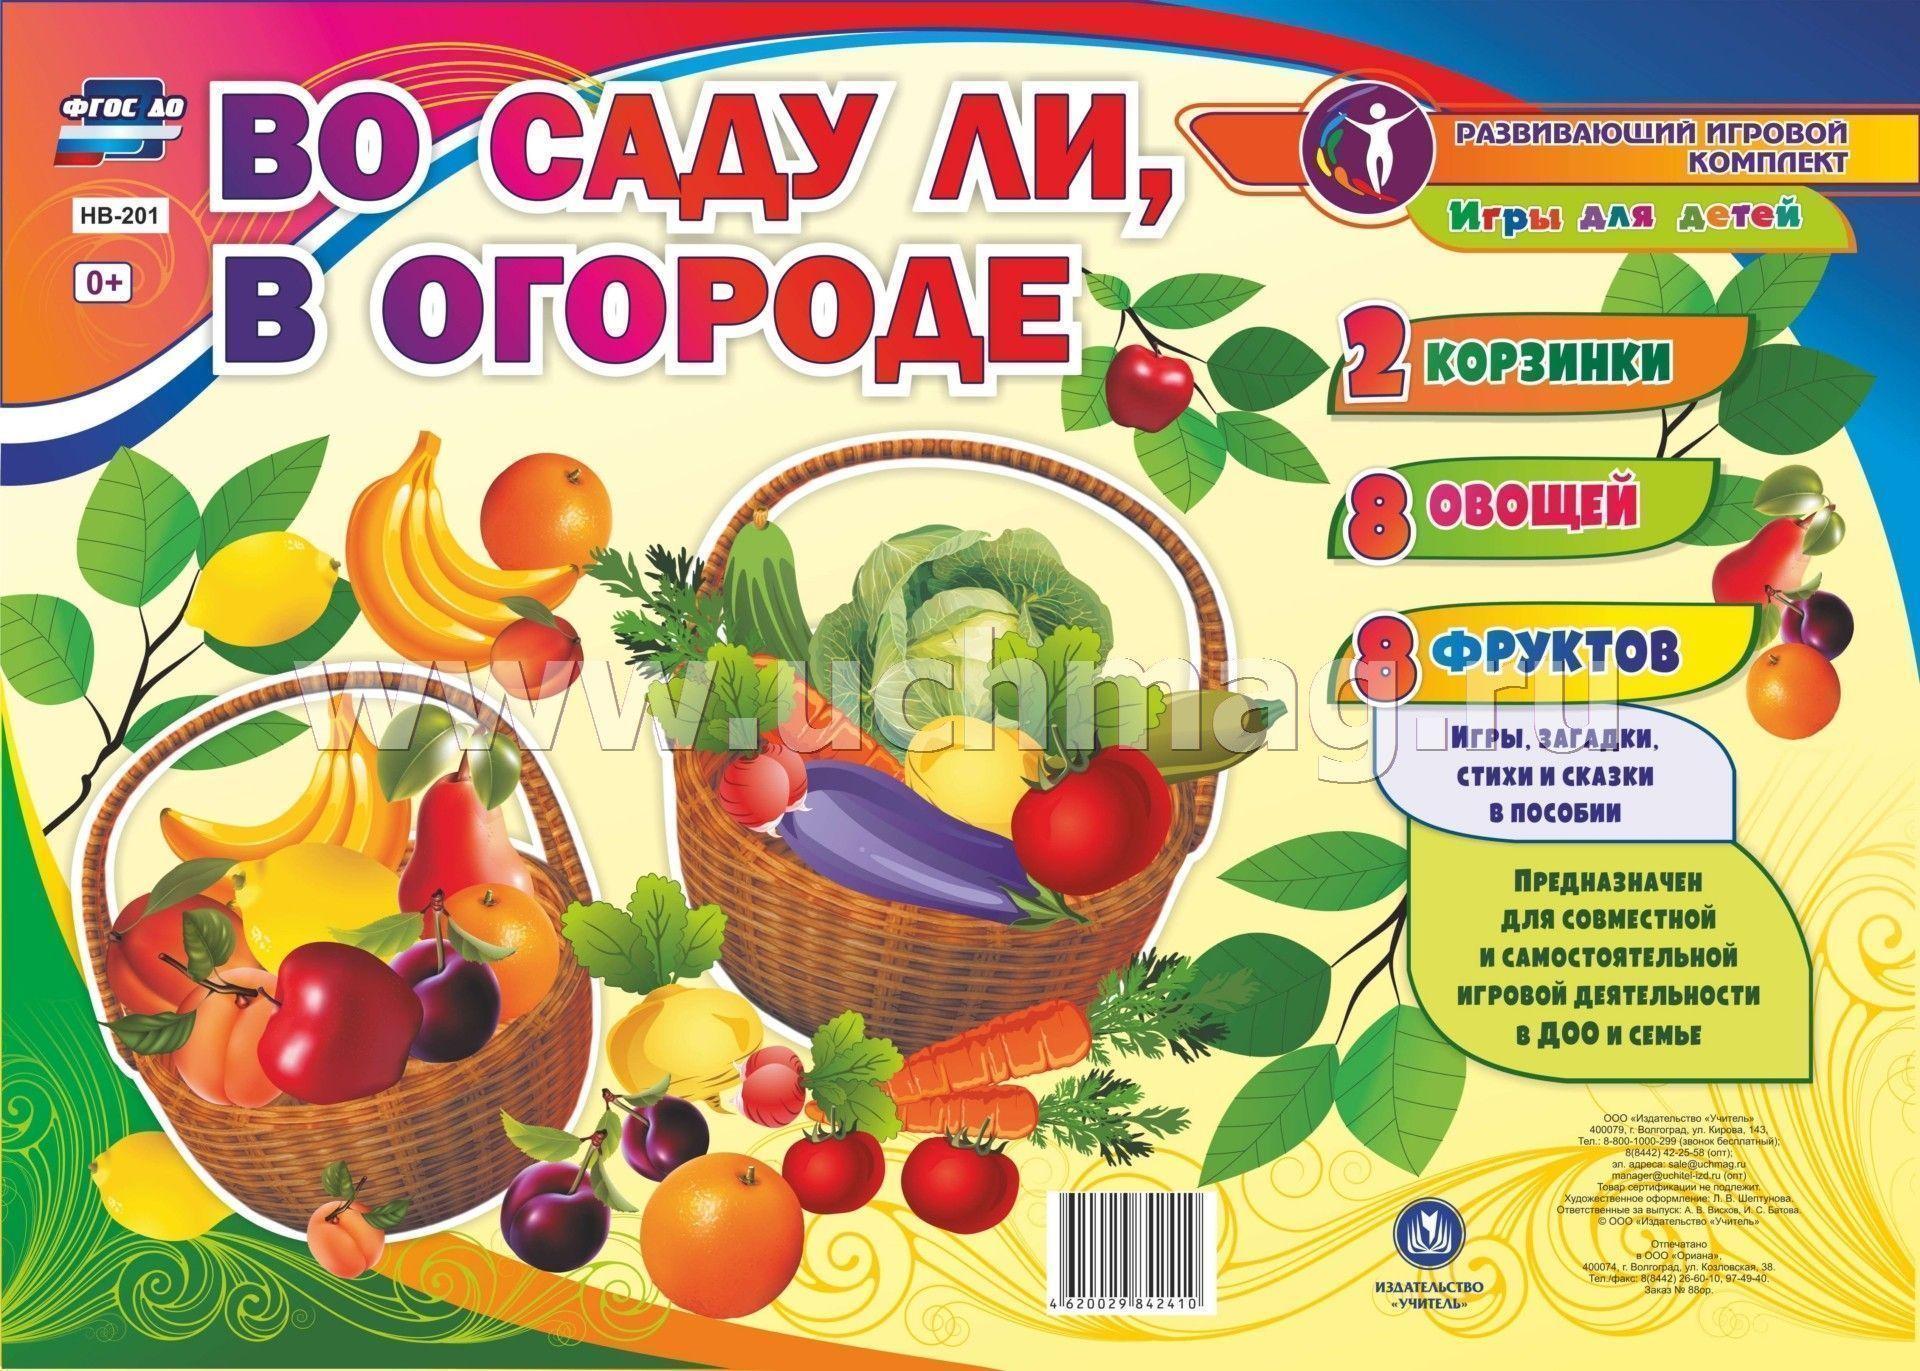 Ролевая игра овощи и фрукты в магазине старшая группа гарри поттер ролевая игра модераторы терри тар и гермиона грейнджер